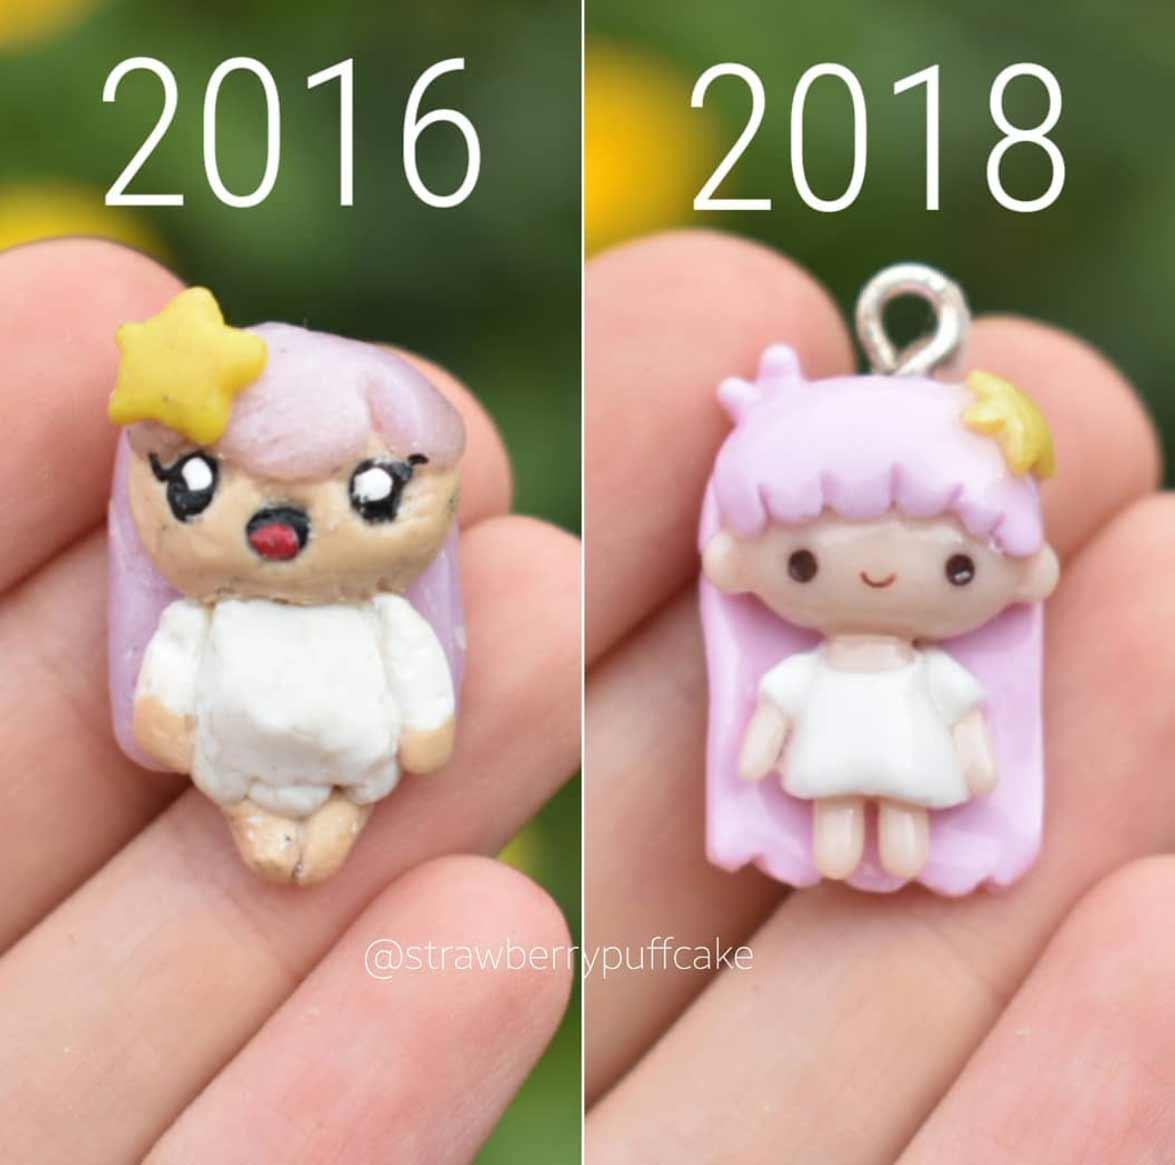 Die Evolution der Miniatur-Skulpturen von ZoZo ZoZO-strawberrypuffcake_08